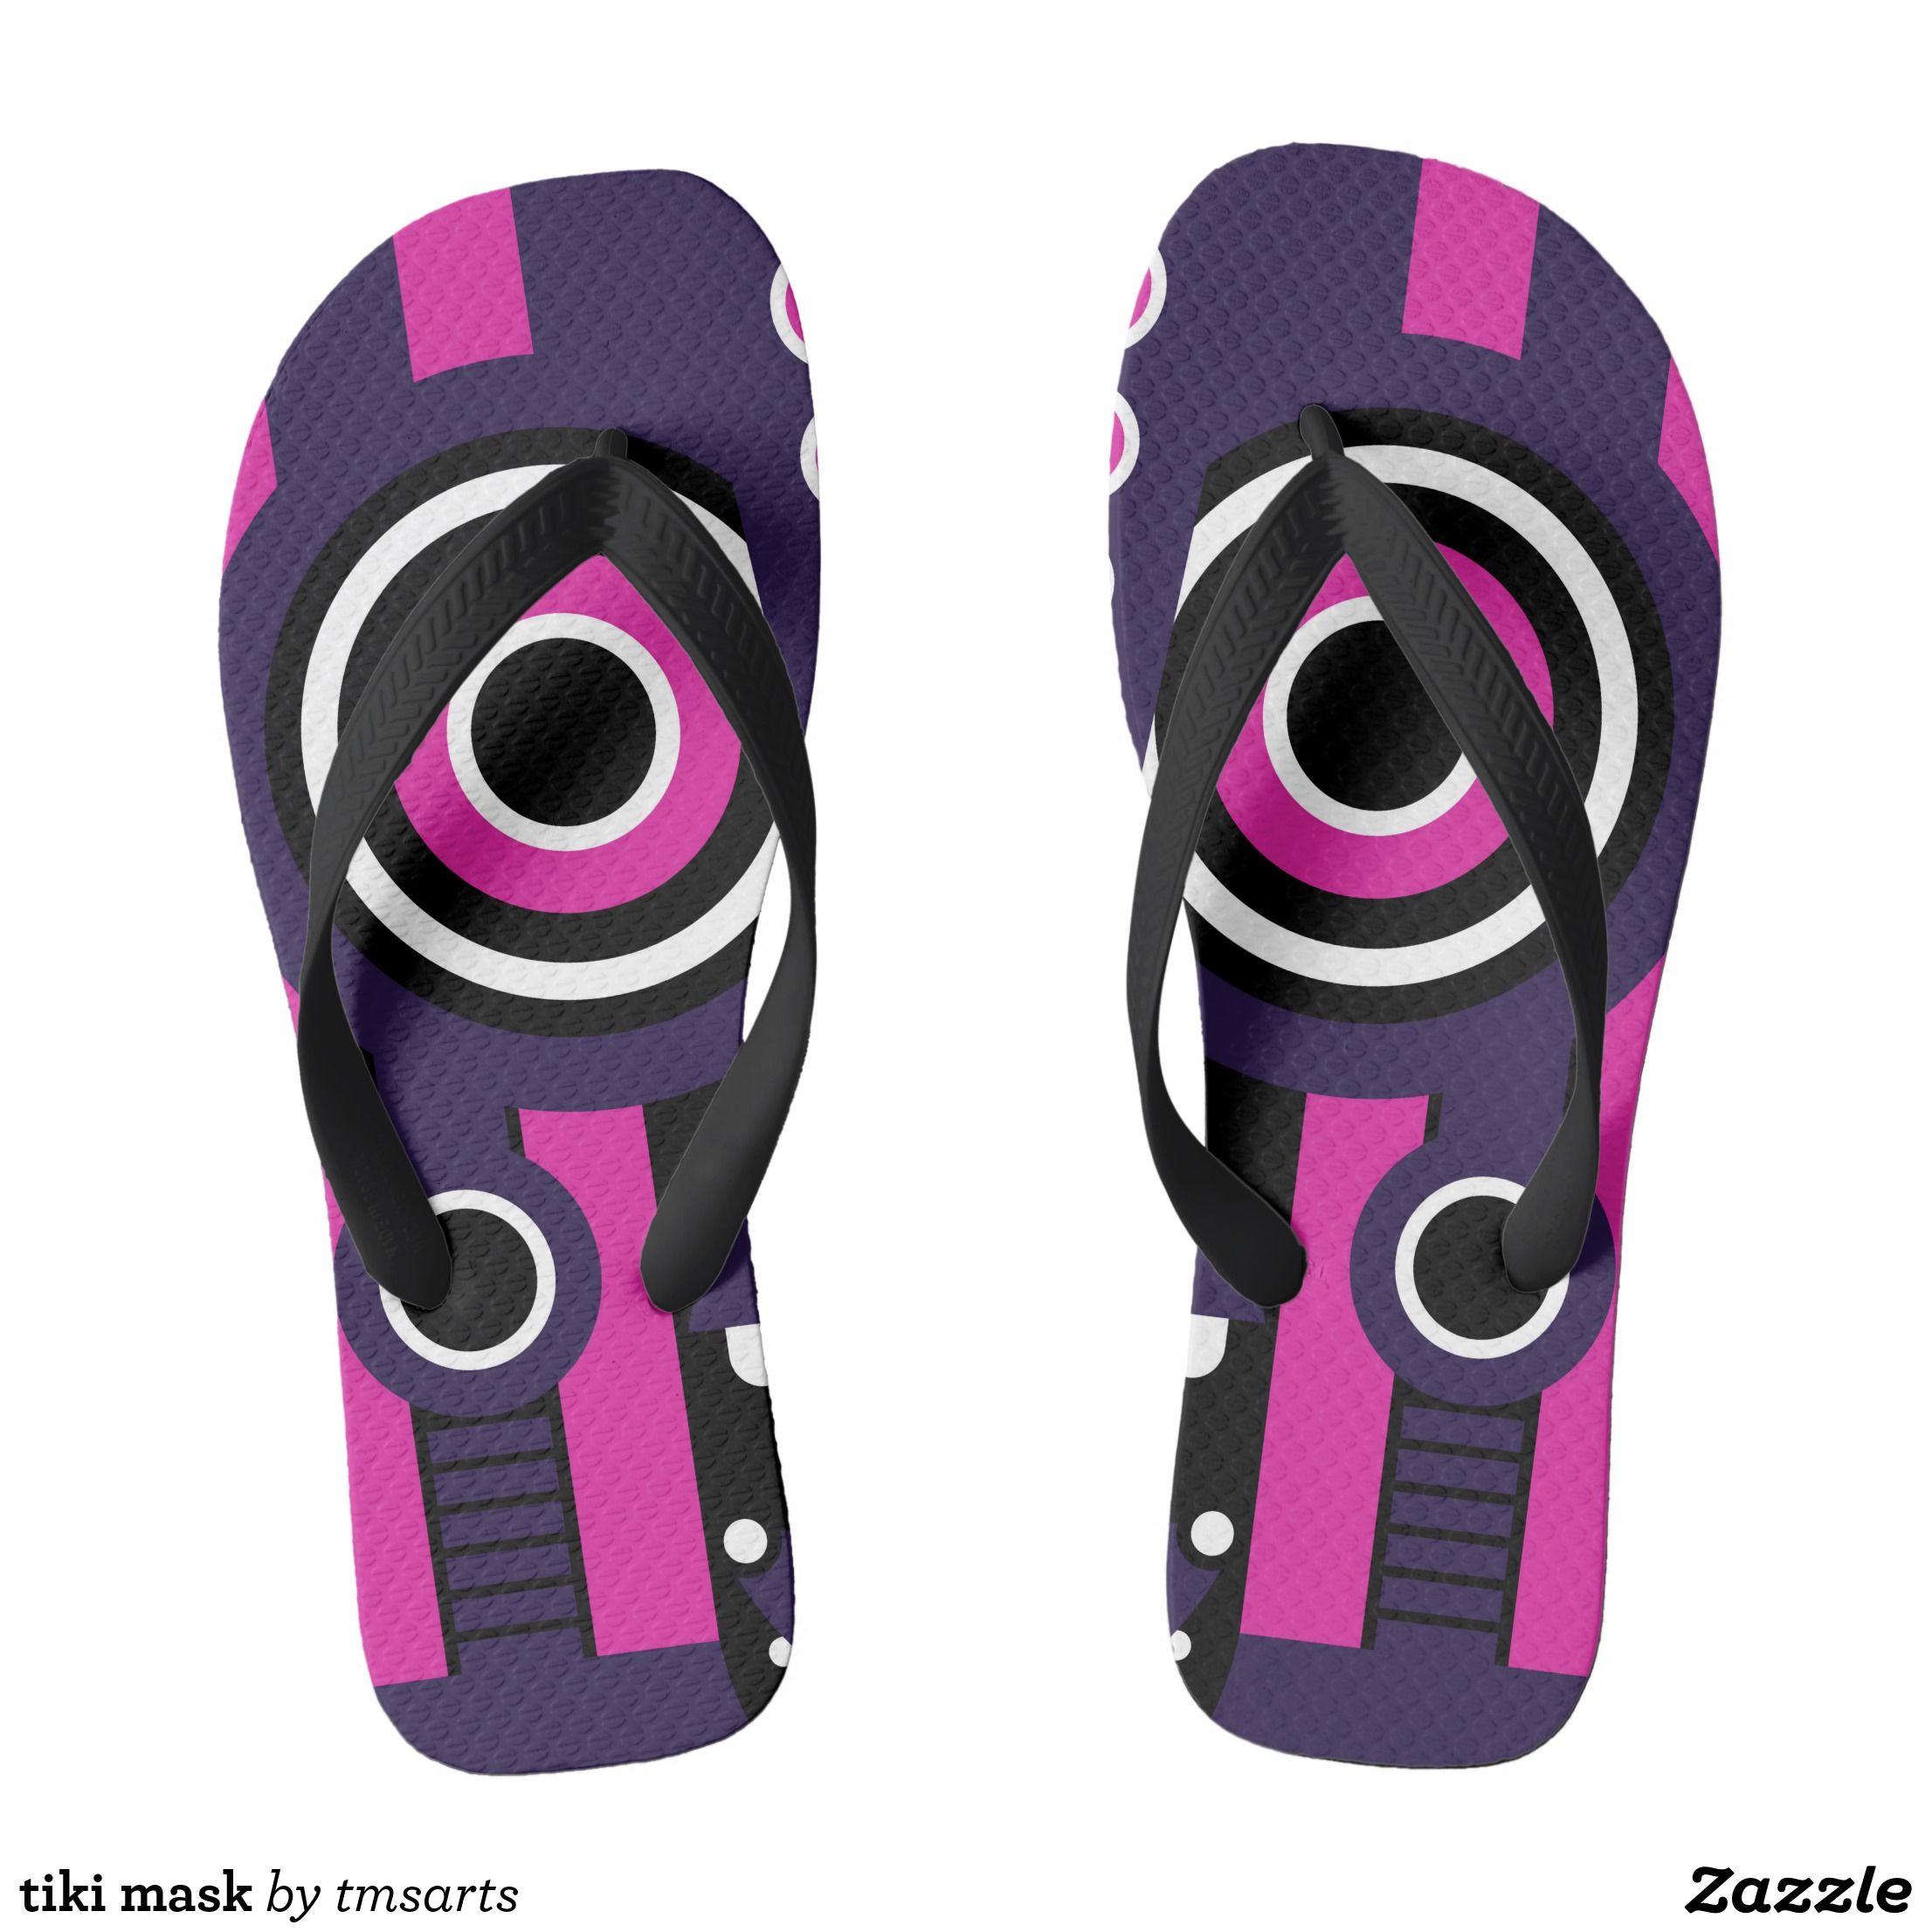 tiki mask flip flops | Zazzle.com